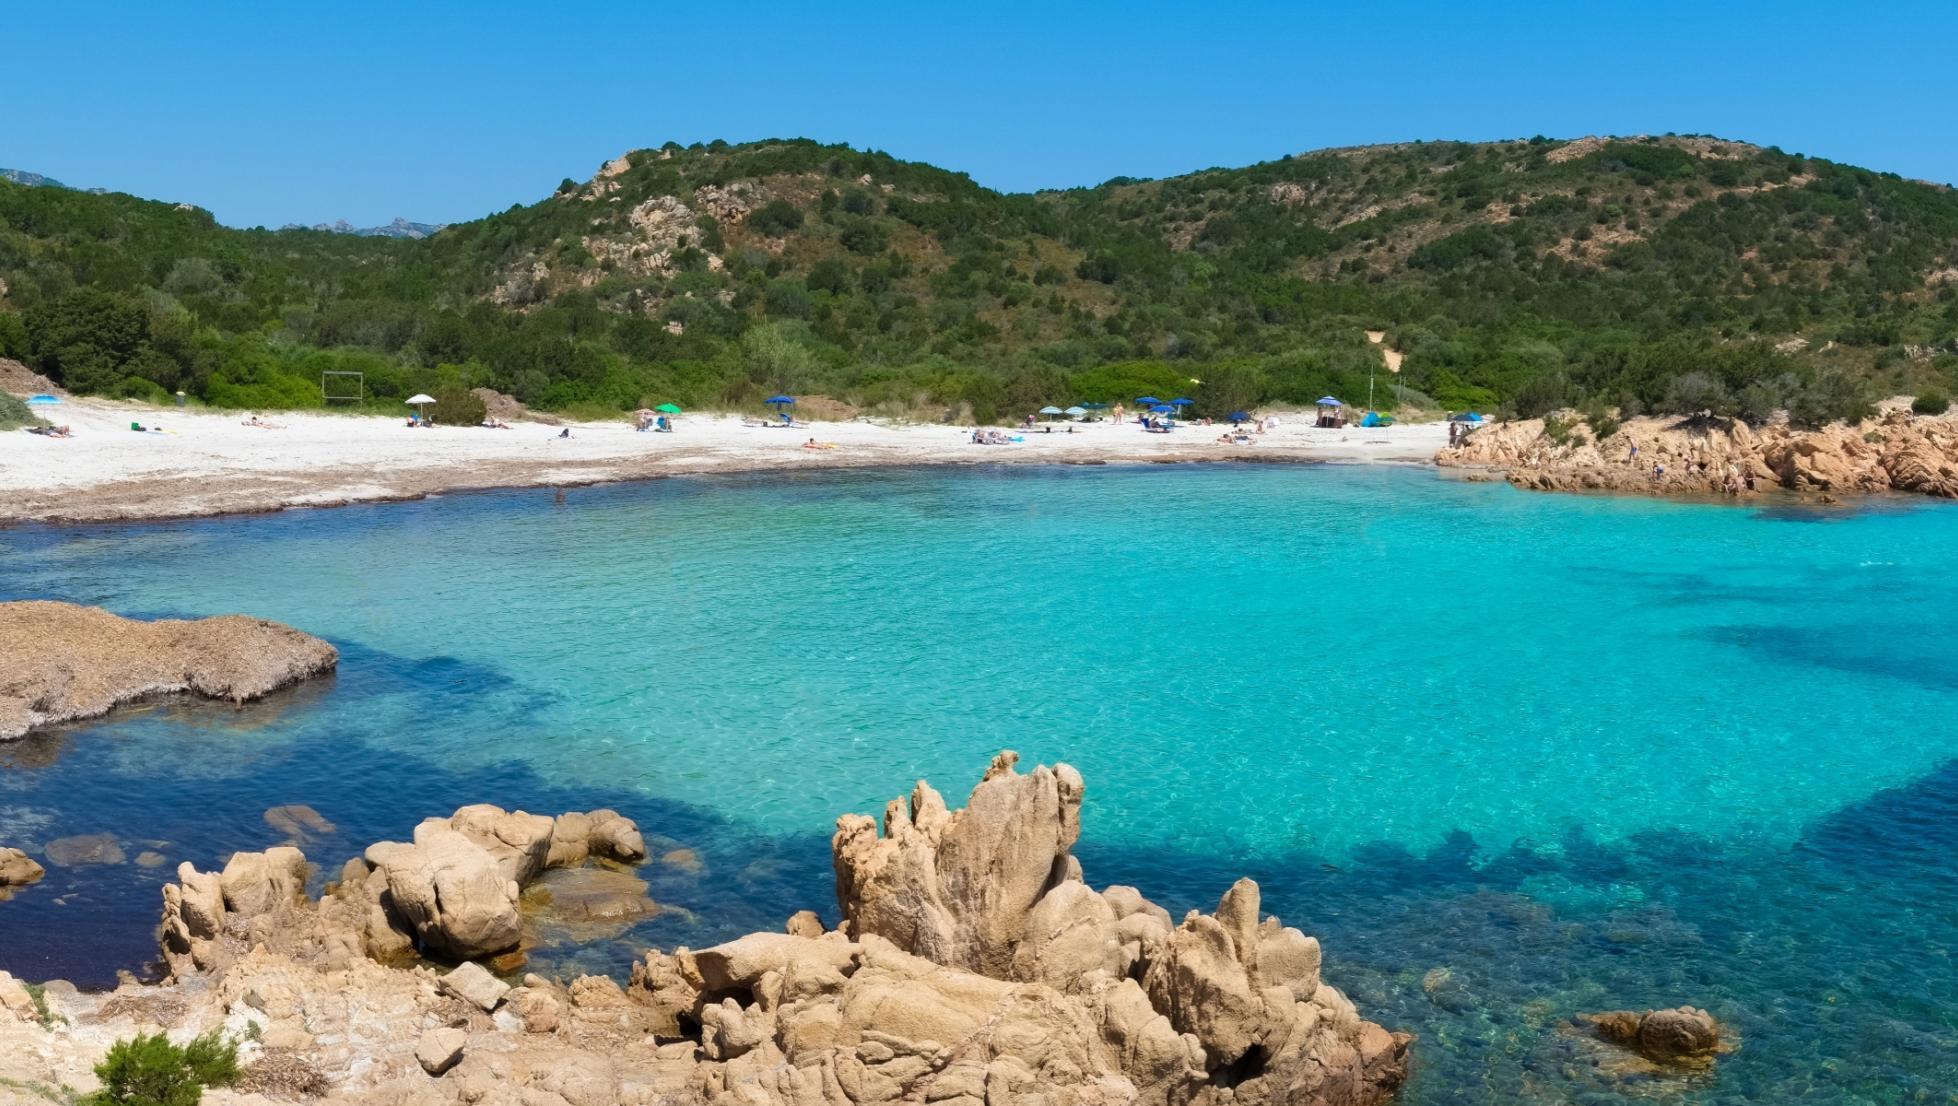 Spiaggia del Principe - Costa Smeralda (fonte: Sardegna Turismo)